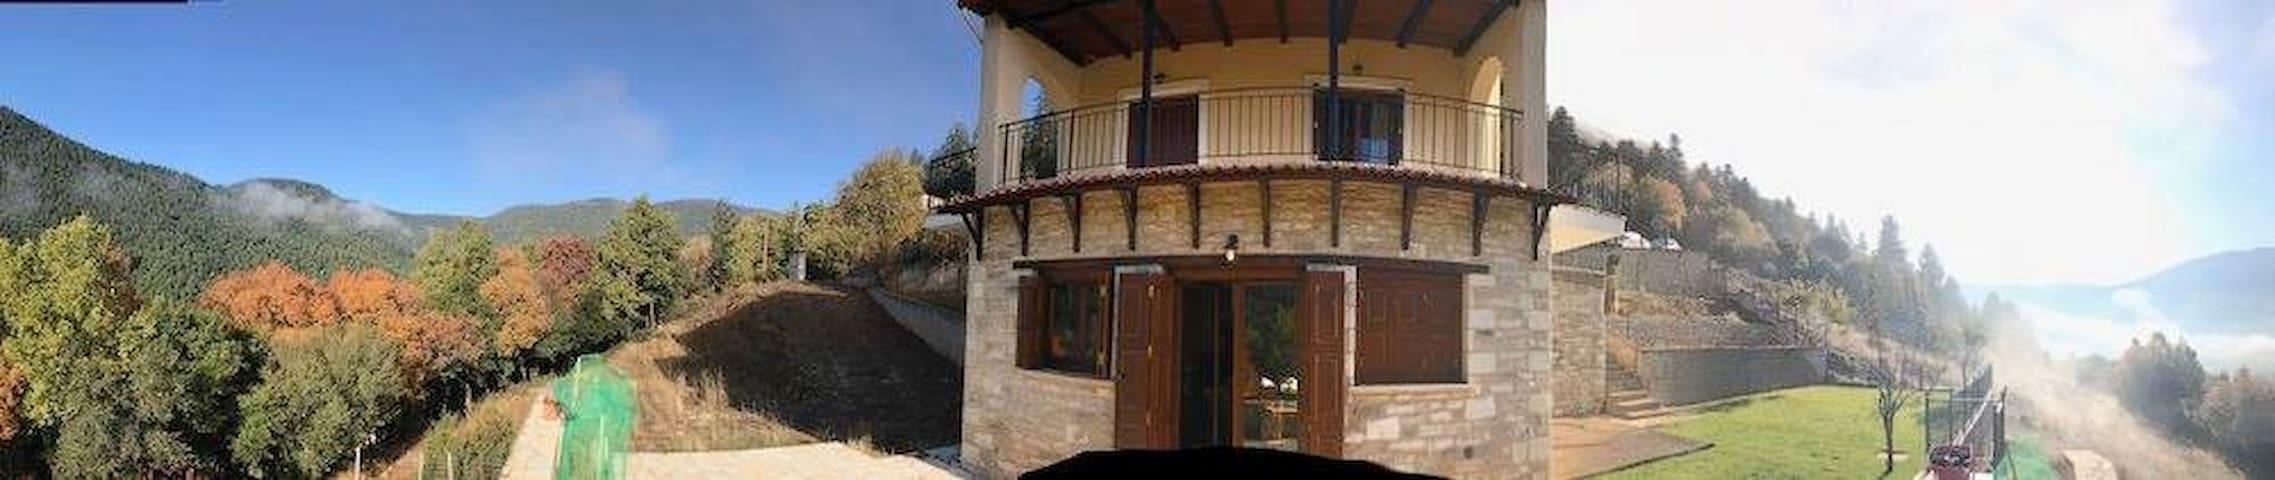 Lia's mountain house